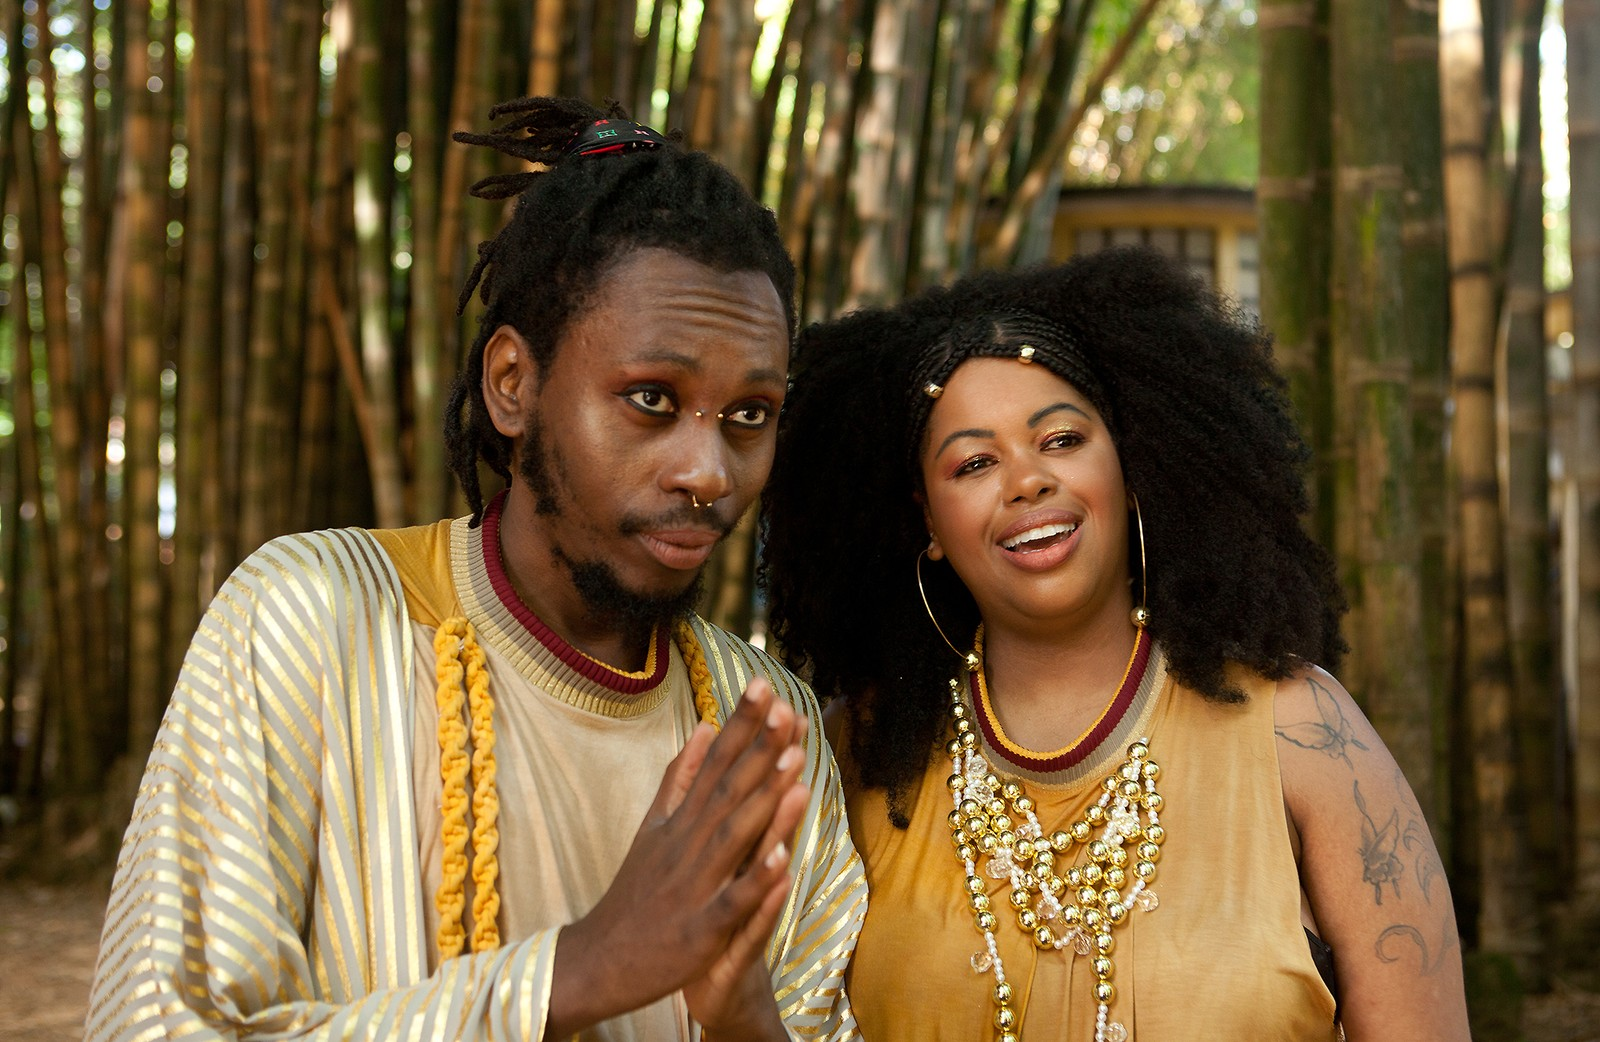 Rincon Sapiência azeita 'Dendê', álbum em que Janine Mathias mistura samba e rap